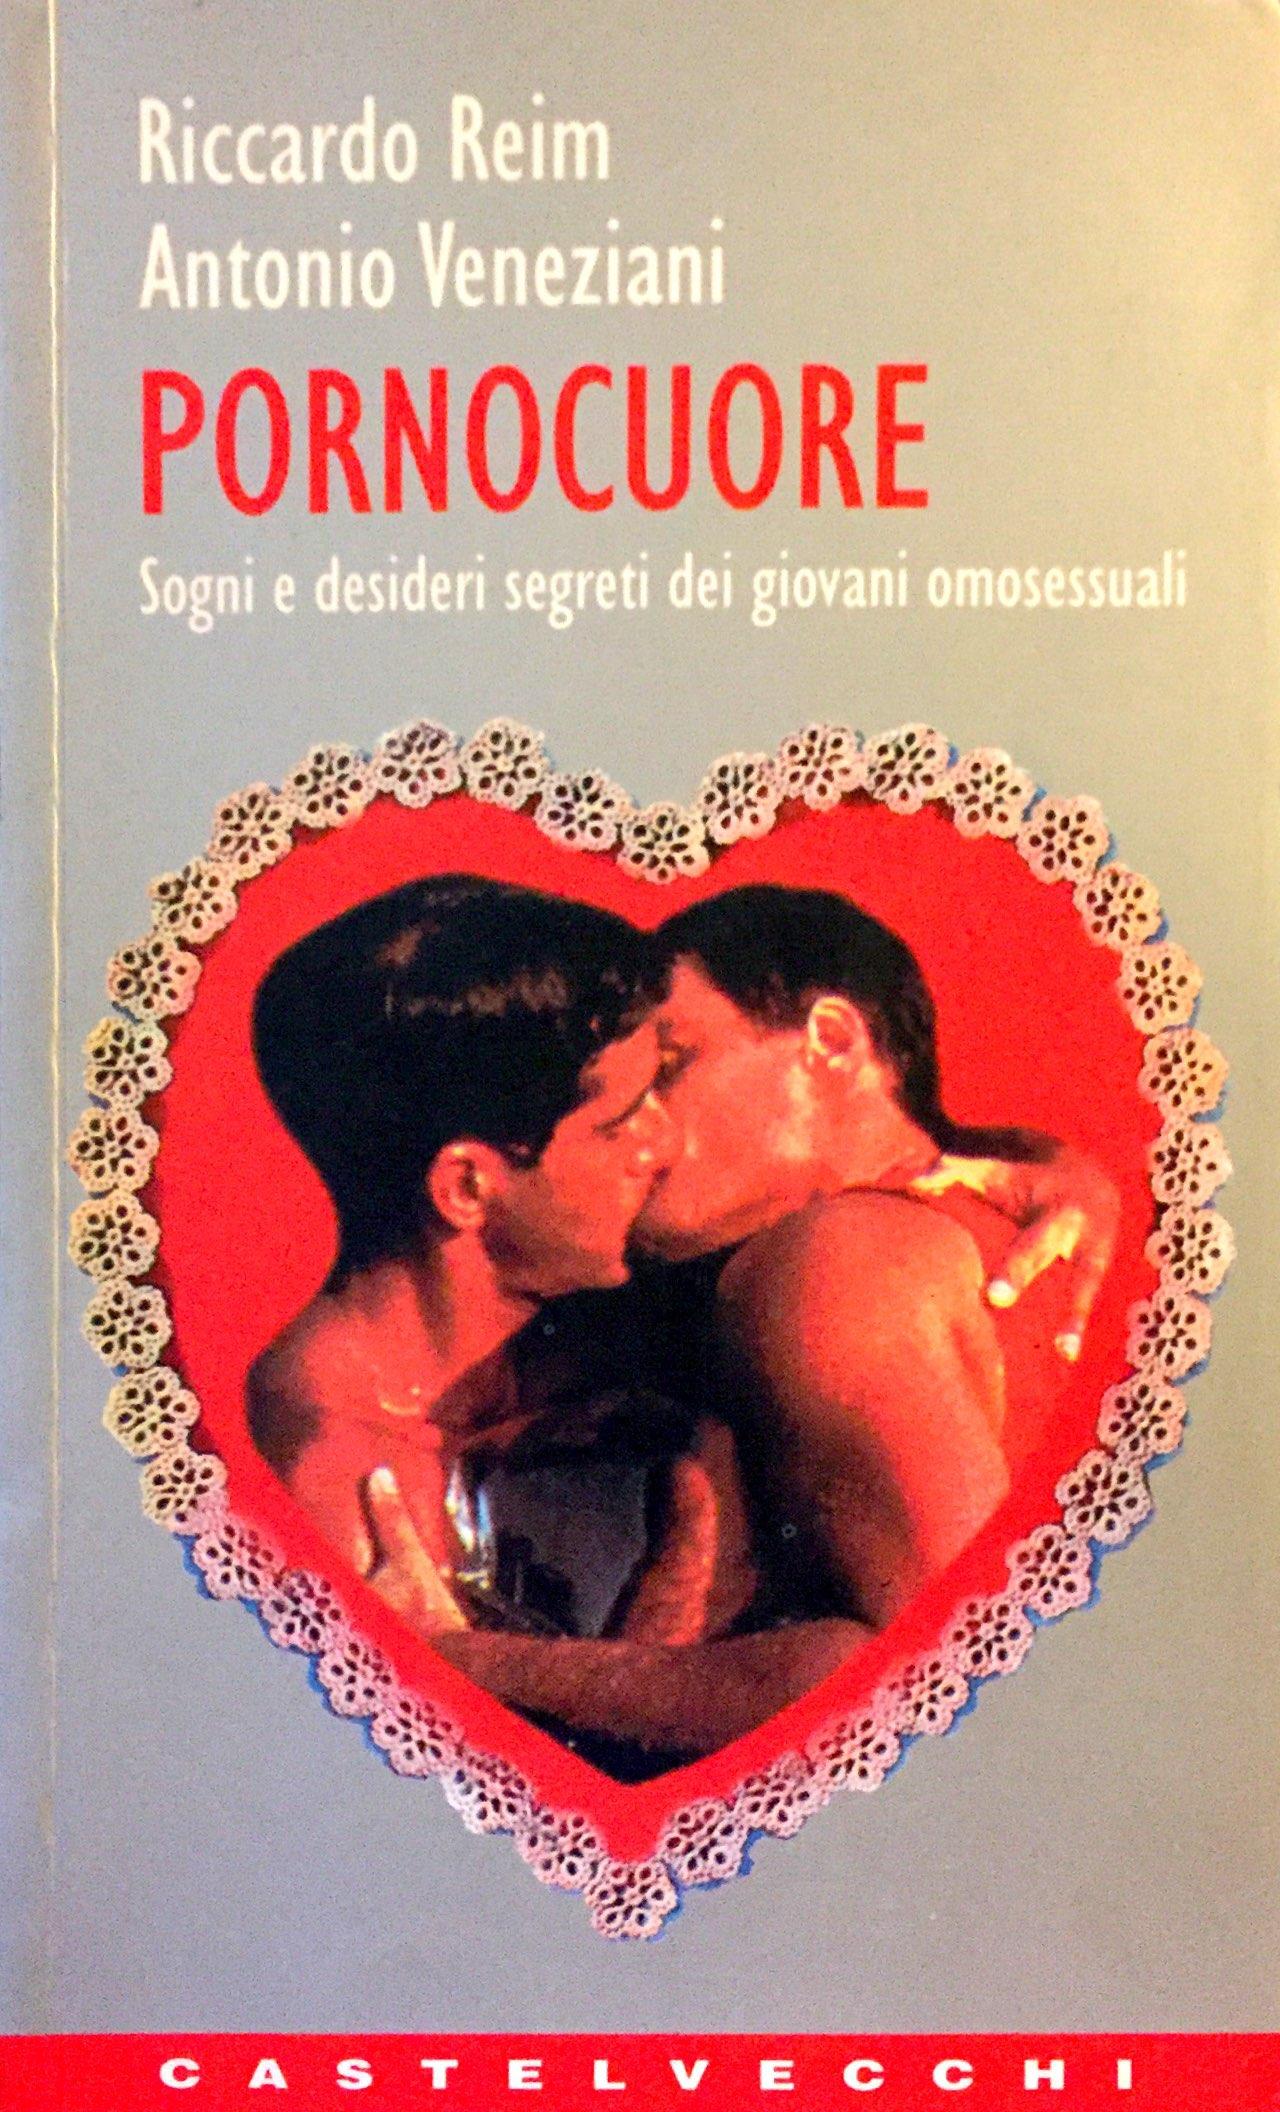 PORNOCUORE. Sogni E Desideri Segreti Dei Giovani Omosessuali.